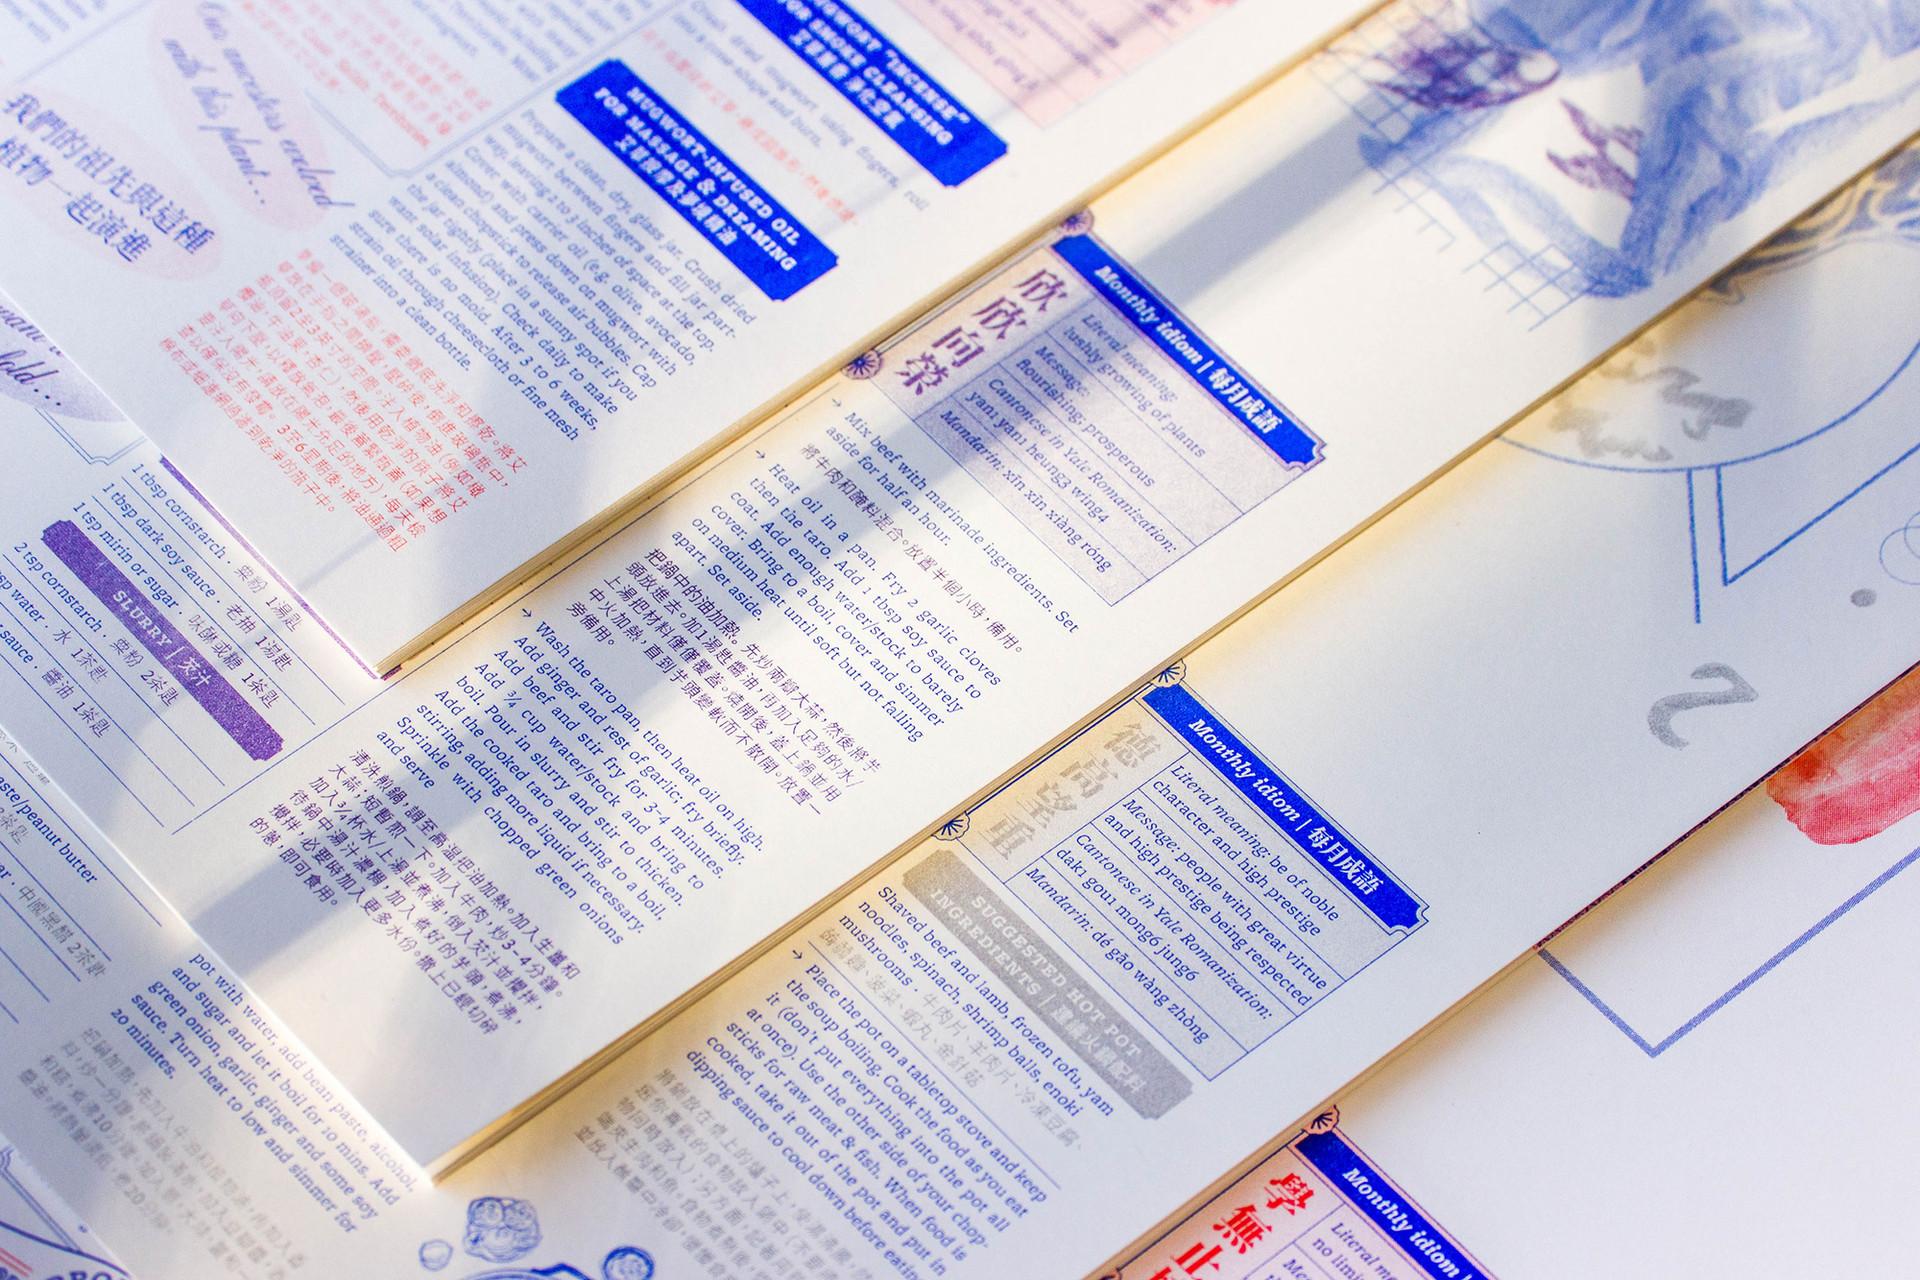 triet-pham-mau-calendar-2021-design-08.j